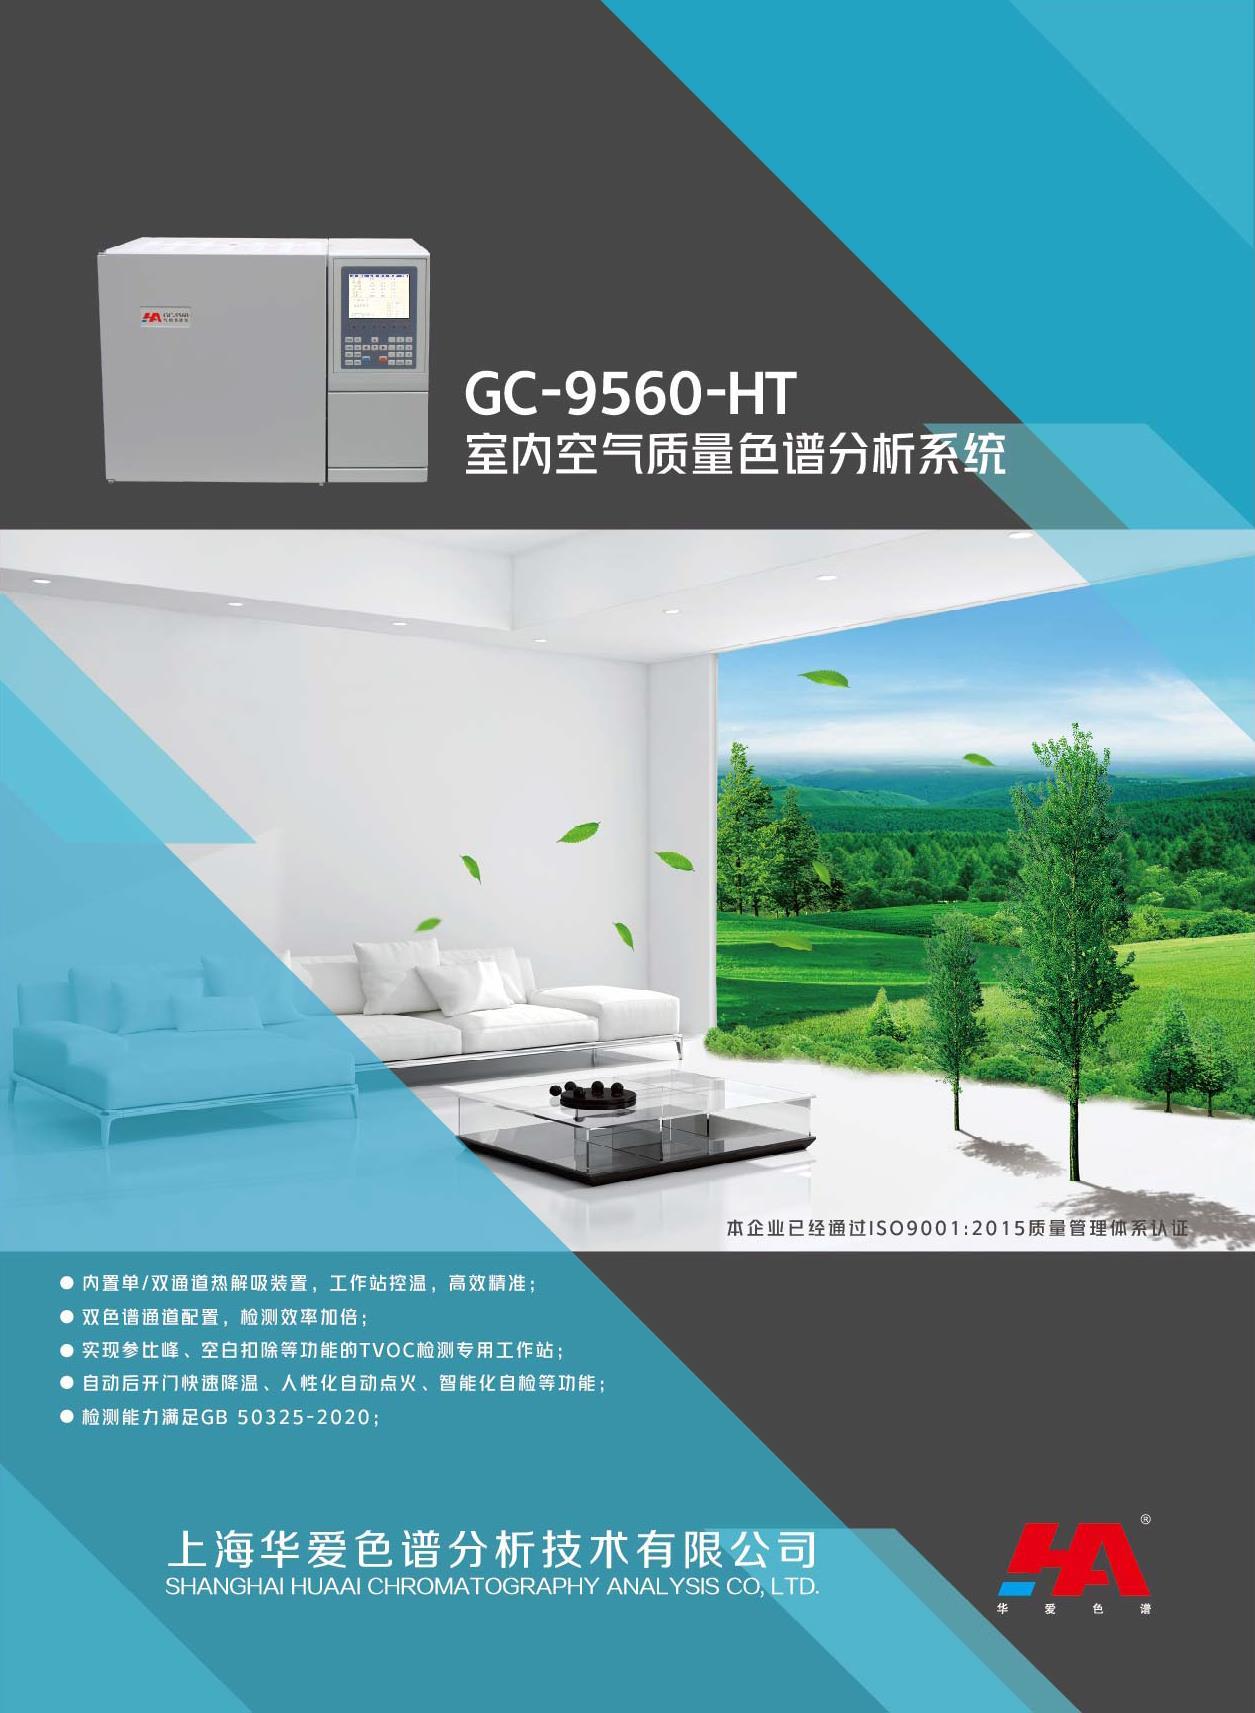 GC-9560-HT室内空气质量色谱分析仪系统